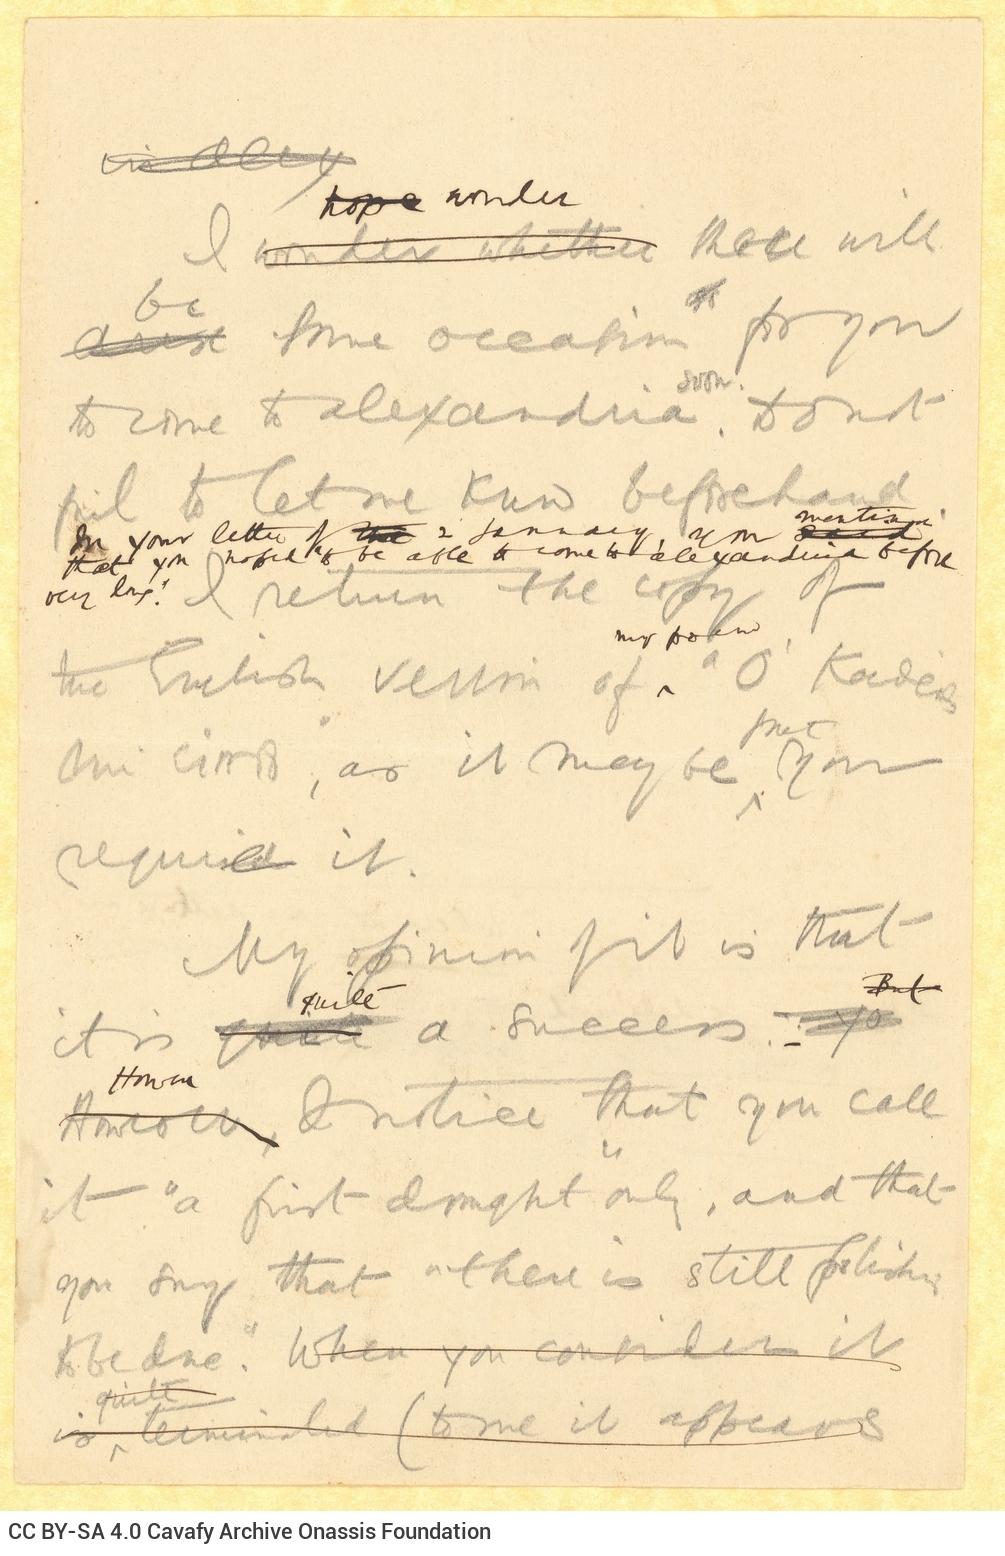 Χειρόγραφο σχέδιο (πιθανότατα σπάραγμα) επιστολής του Καβάφη προς π�